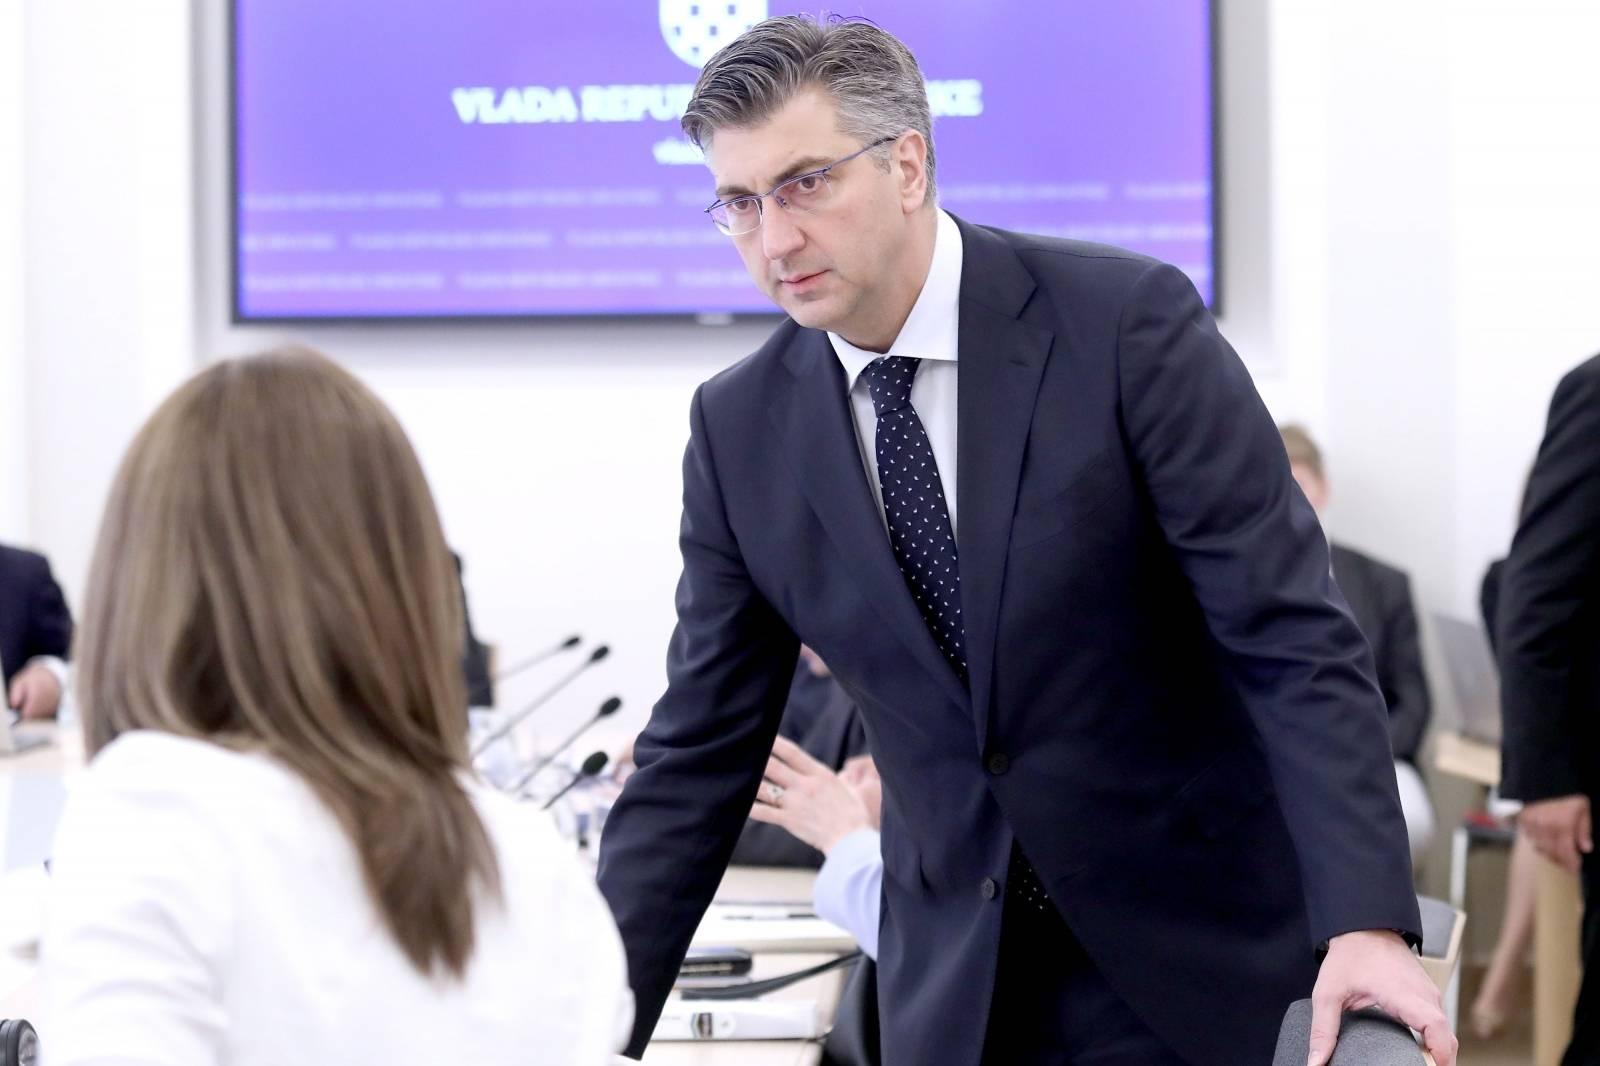 Zagreb: Vlada RH je 166. sjednicu počela raspravom o nacrtu ovršnog zakona